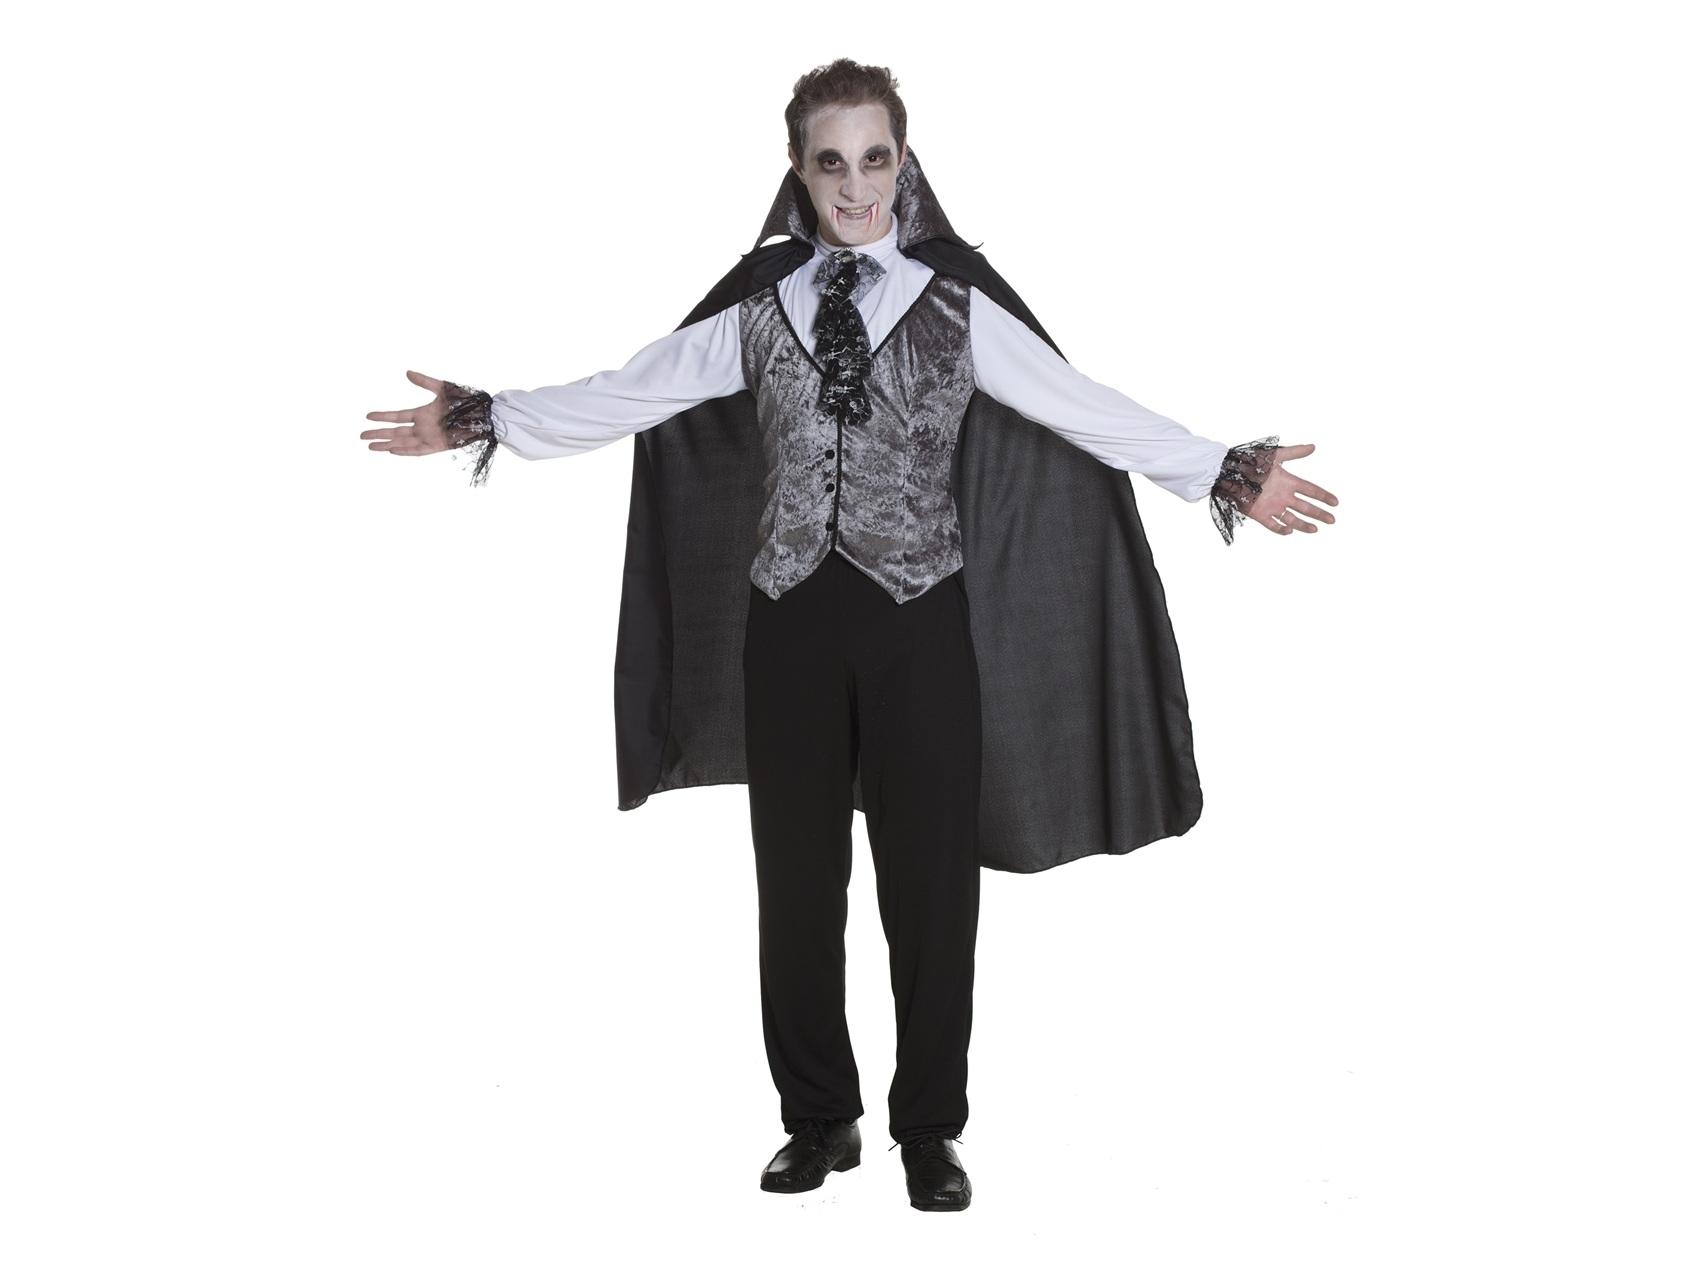 Costume di Carnevale per adulto Vampiro dark Uomo